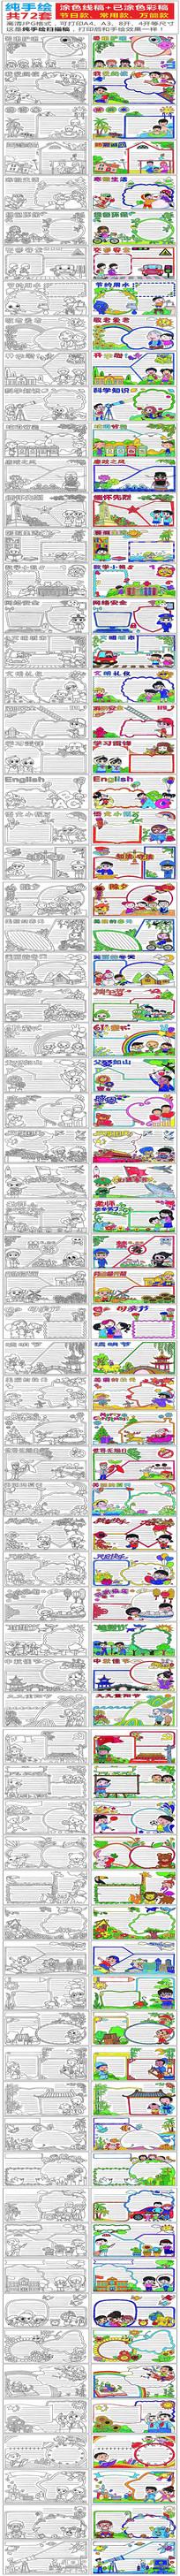 原创72套纯手绘小学生手抄报模板涂色线稿